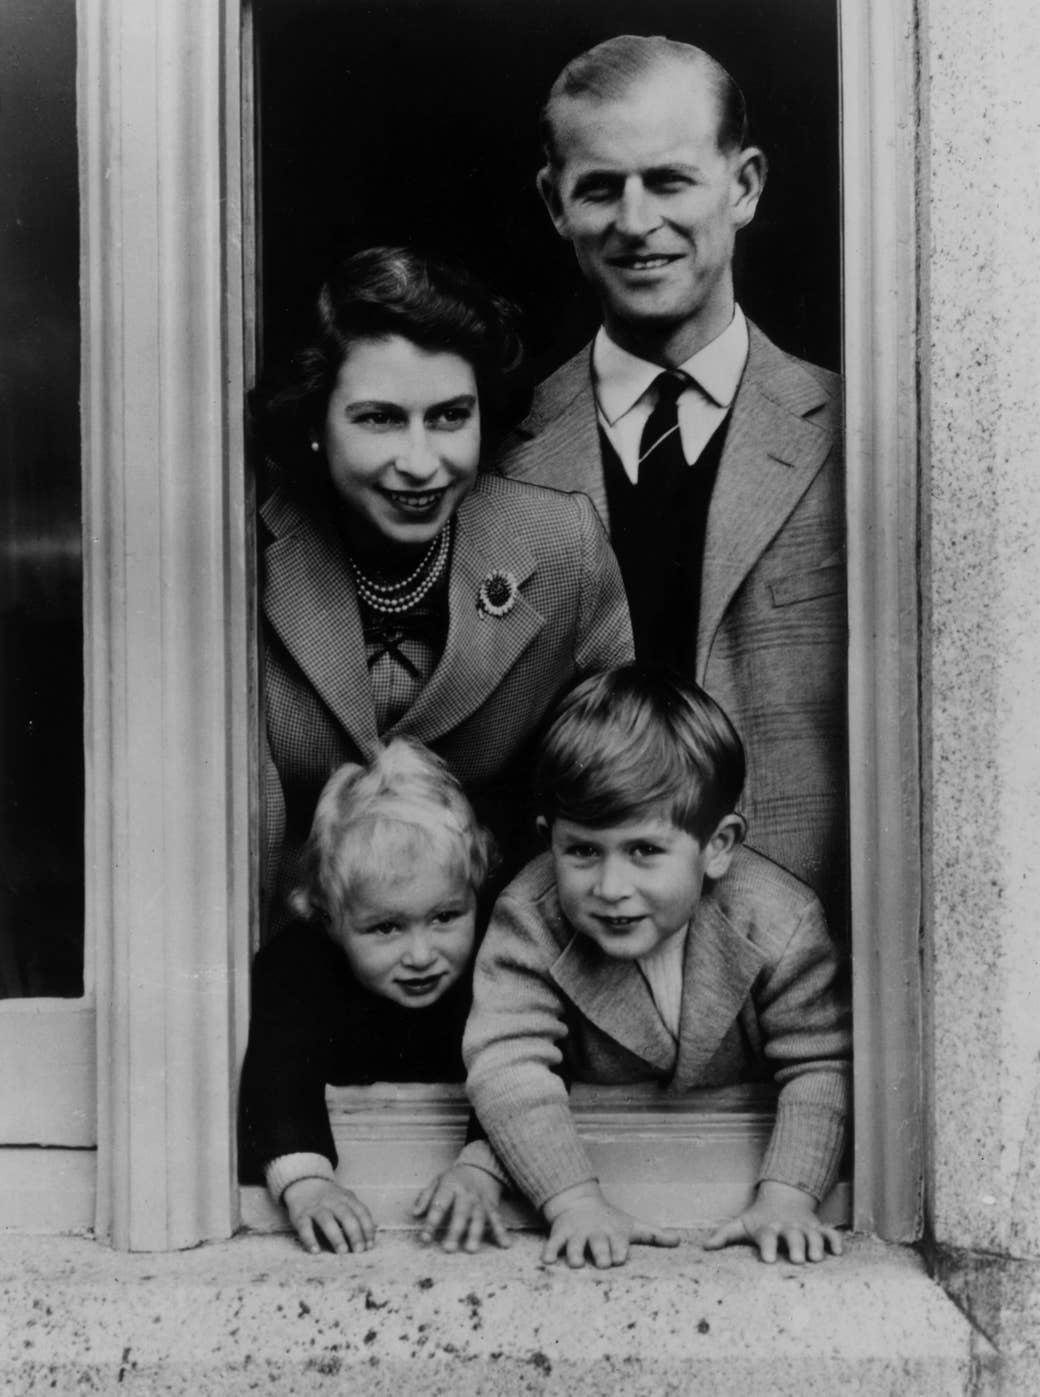 Keluarga itu terlihat melalui jendela